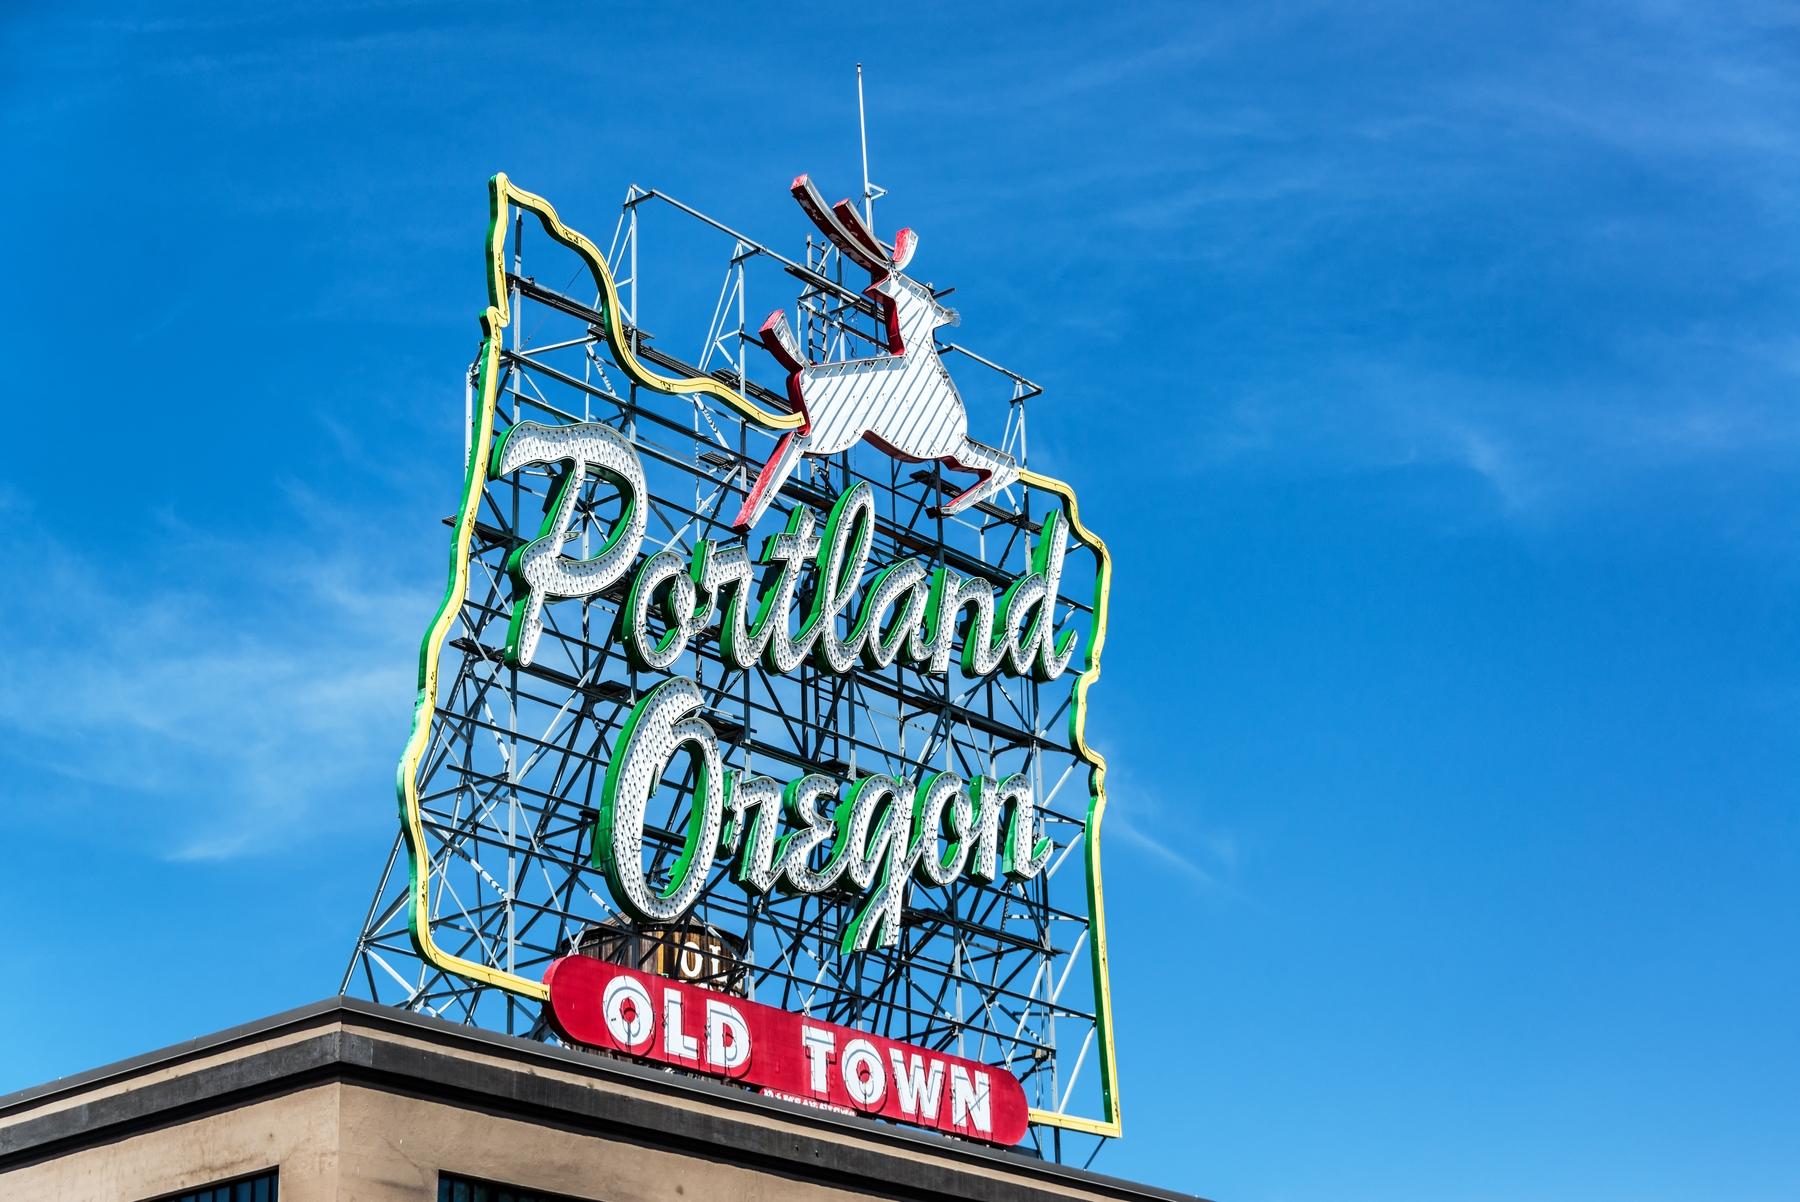 Интересные маршруты для путешествий на автомобиле. Вывеска с белым оленем, Портленд, Орегон, США